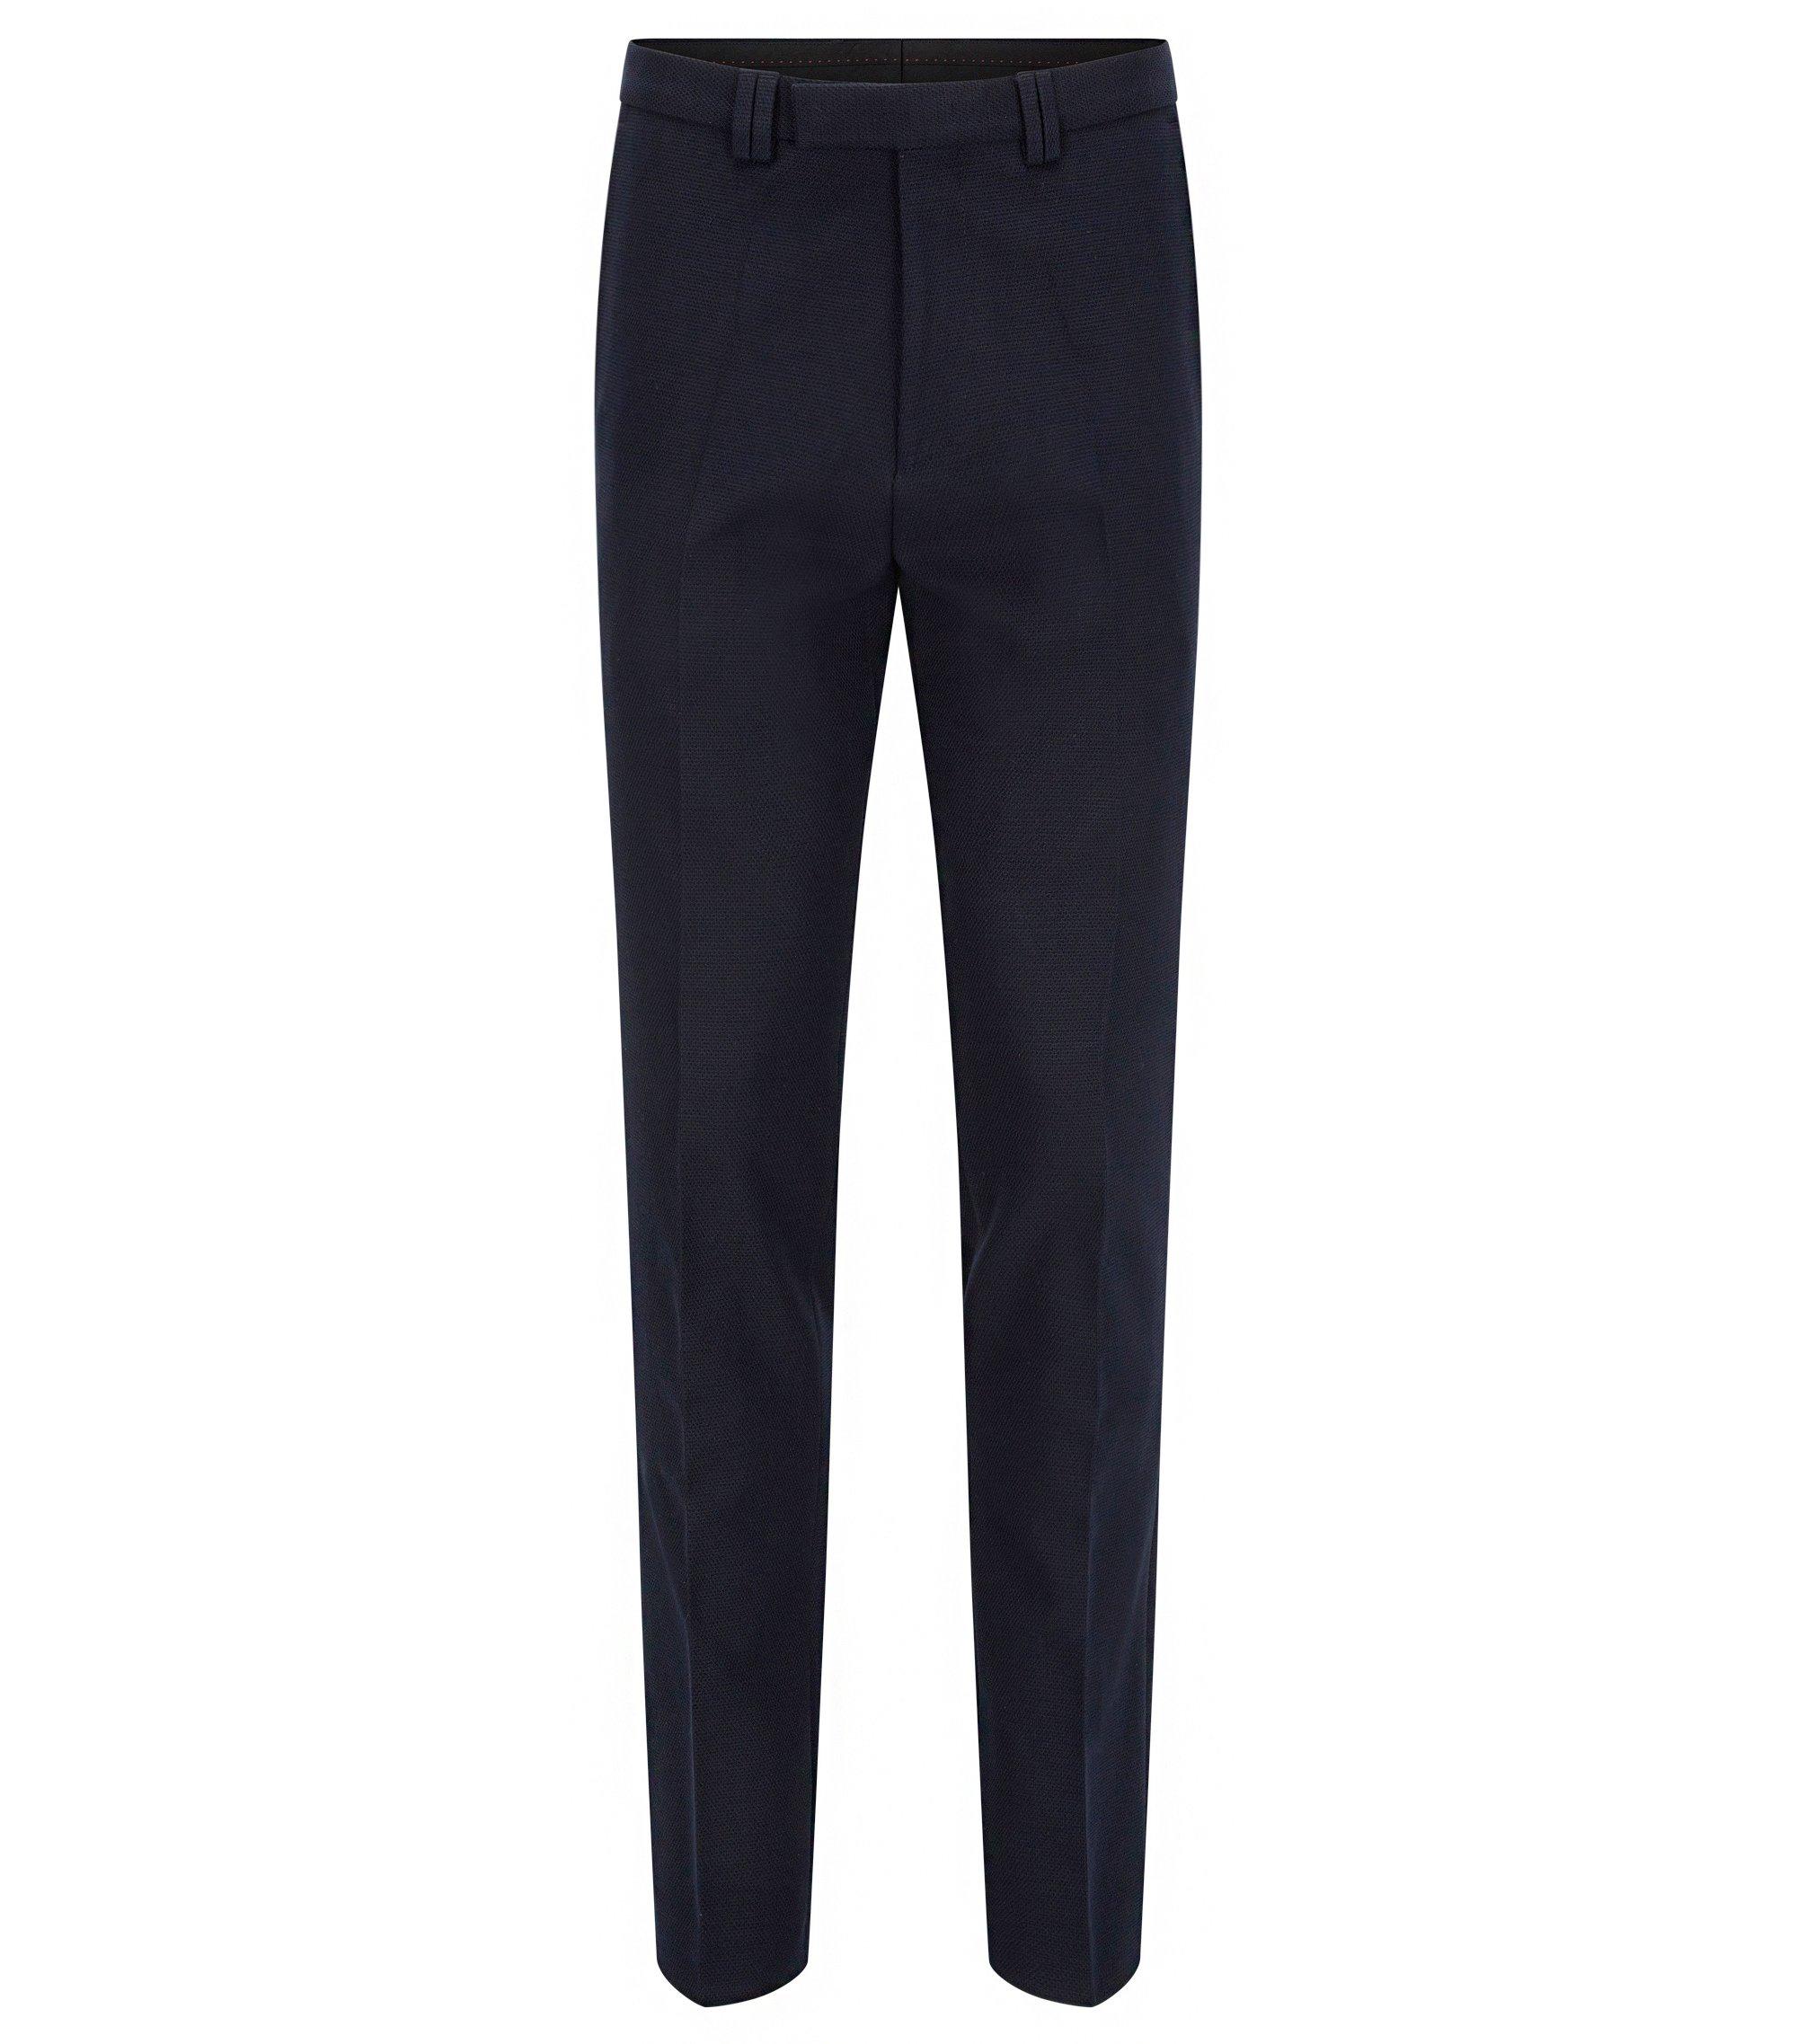 Extra Slim-Fit Hose aus Stretch-Baumwolle mit Waffelstruktur, Dunkelblau